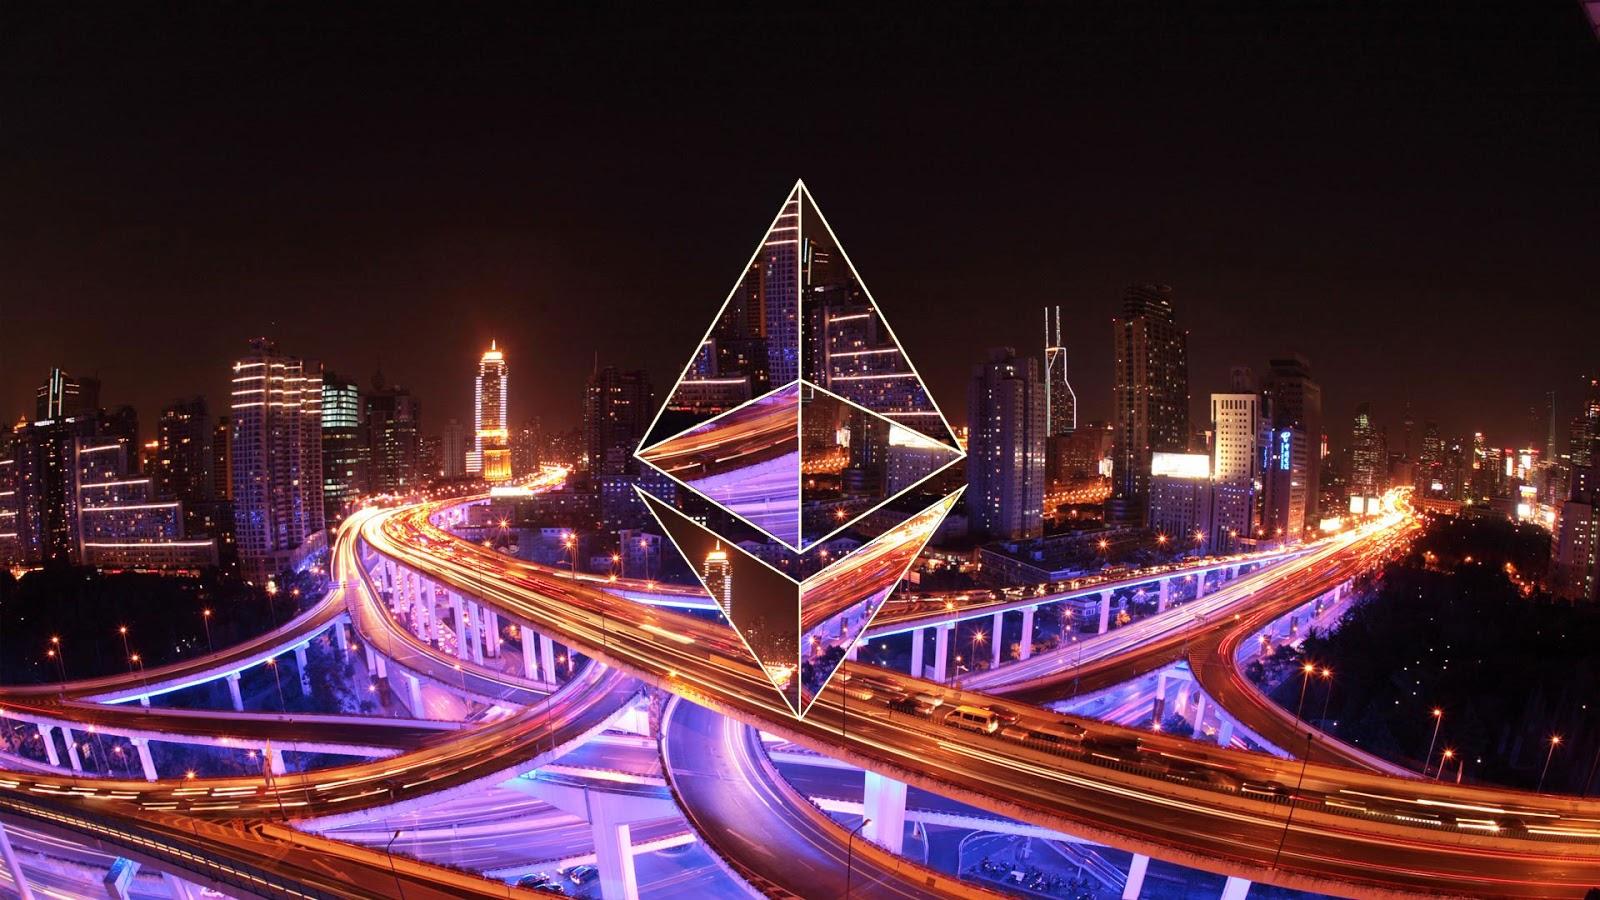 Ethereum phiên bản Metropolis: Hoàn thành 75% giao thức Proof-of-Stake